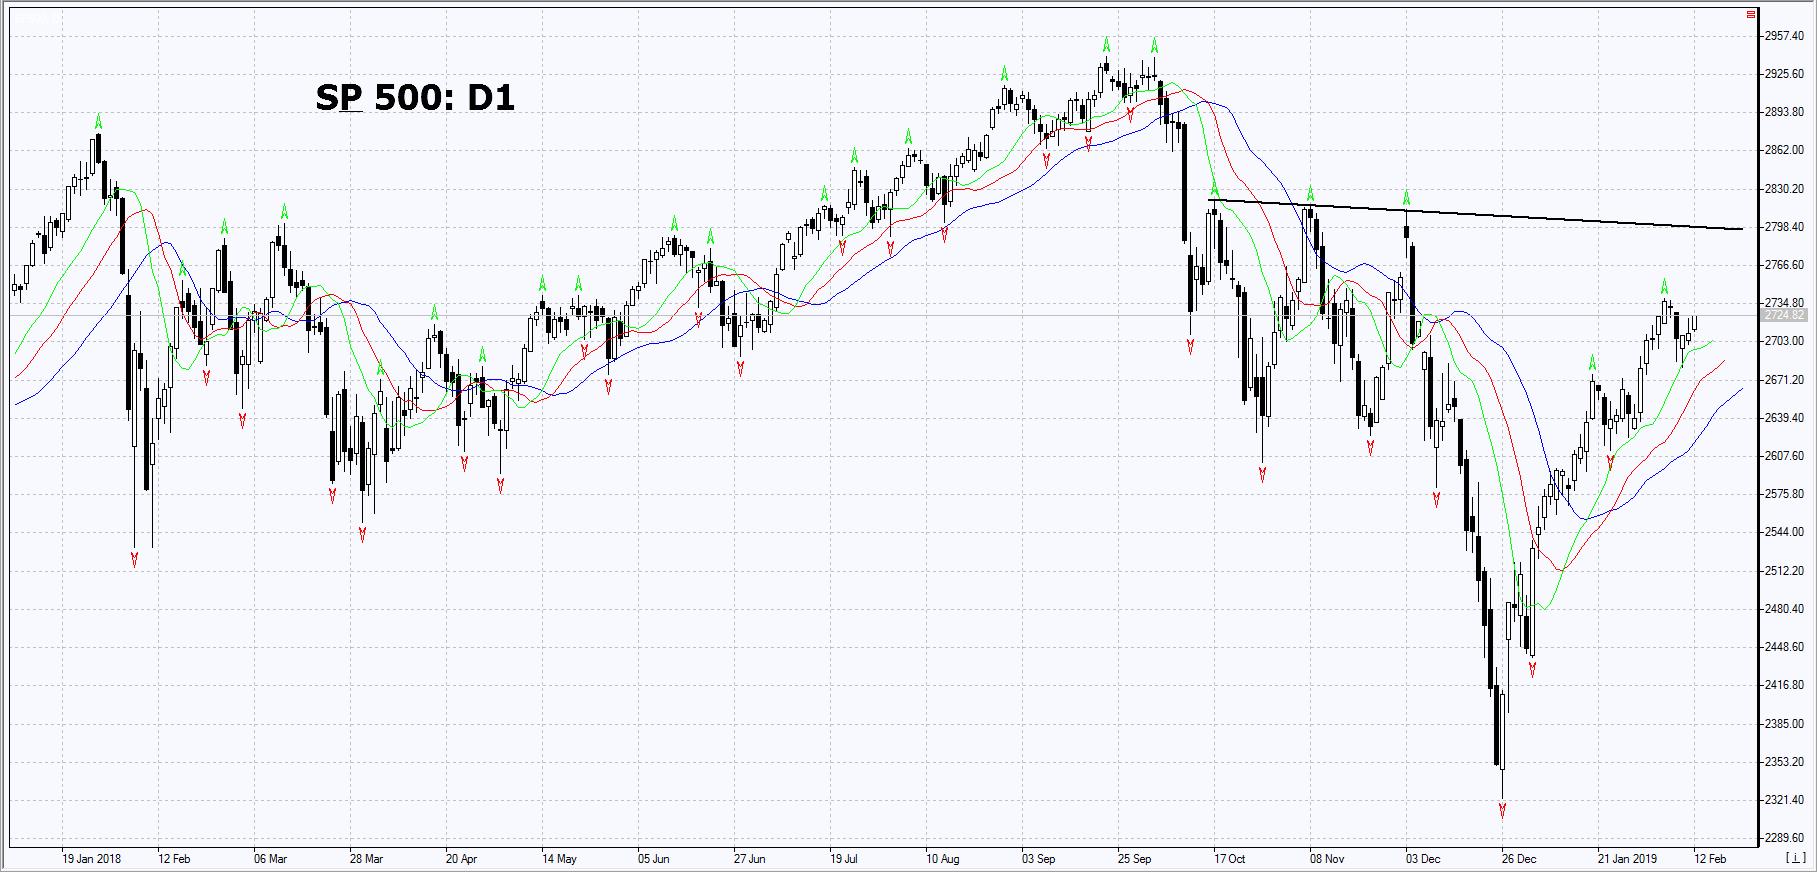 Market Overview IFC Markets chart